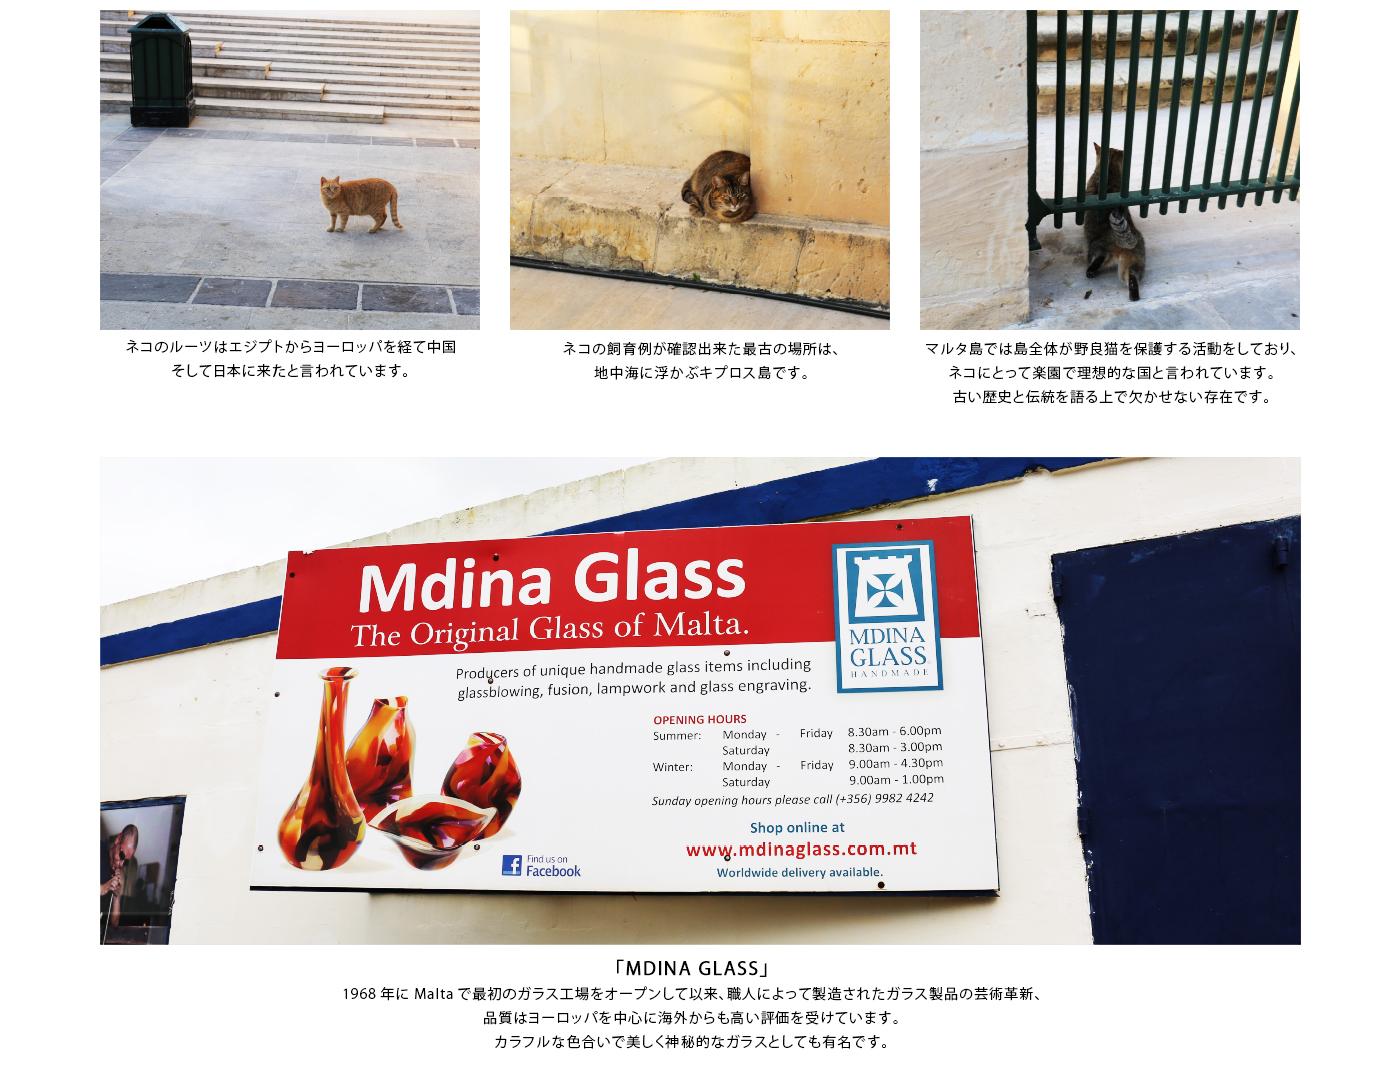 ネコのルーツはエジプトからヨーロッパを経て中国そして日本に来たと言われています。